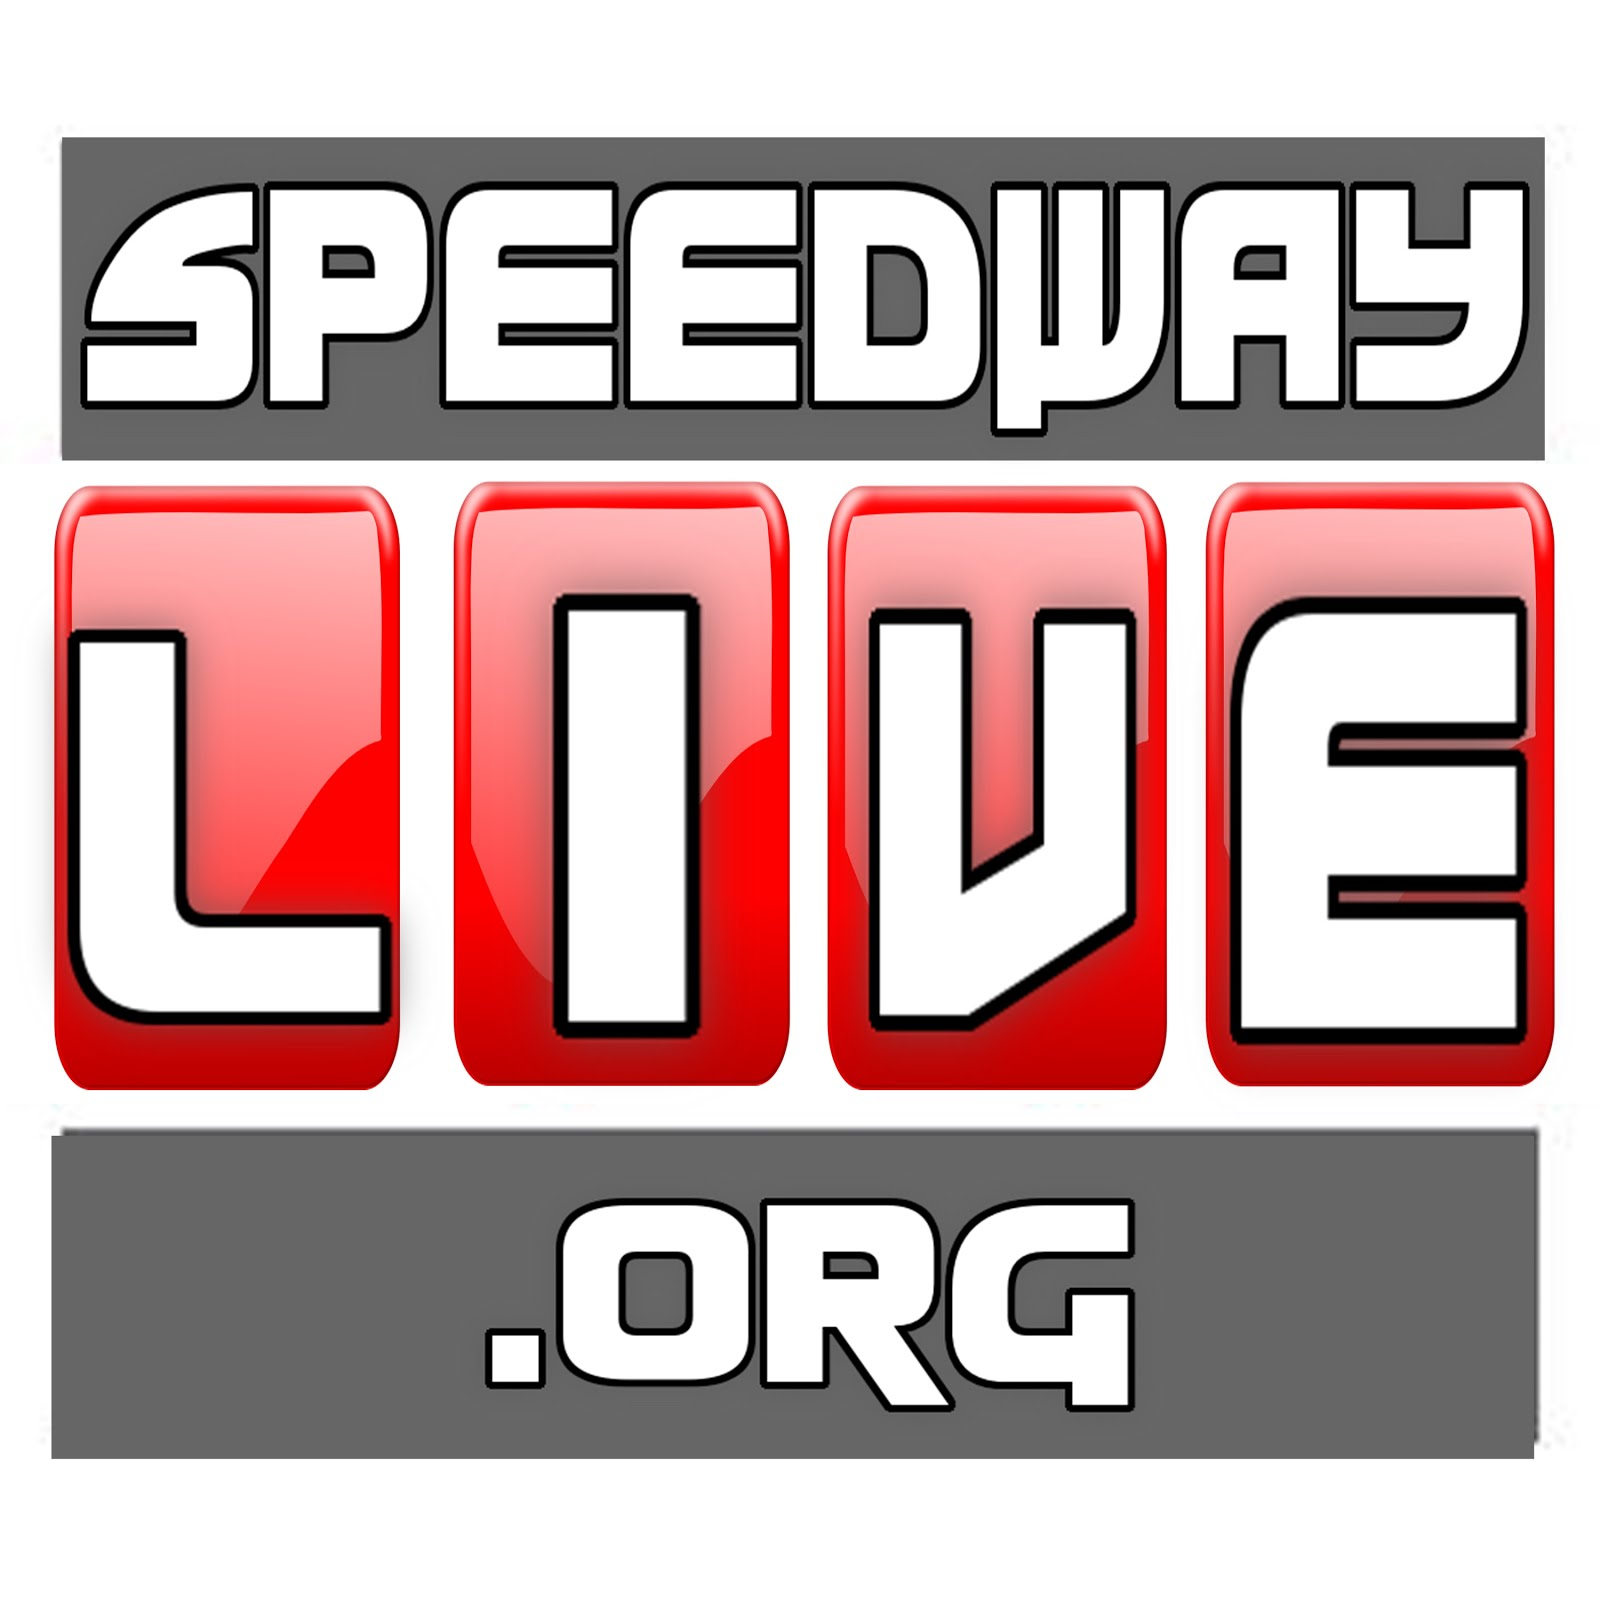 www.speedwaylive.org